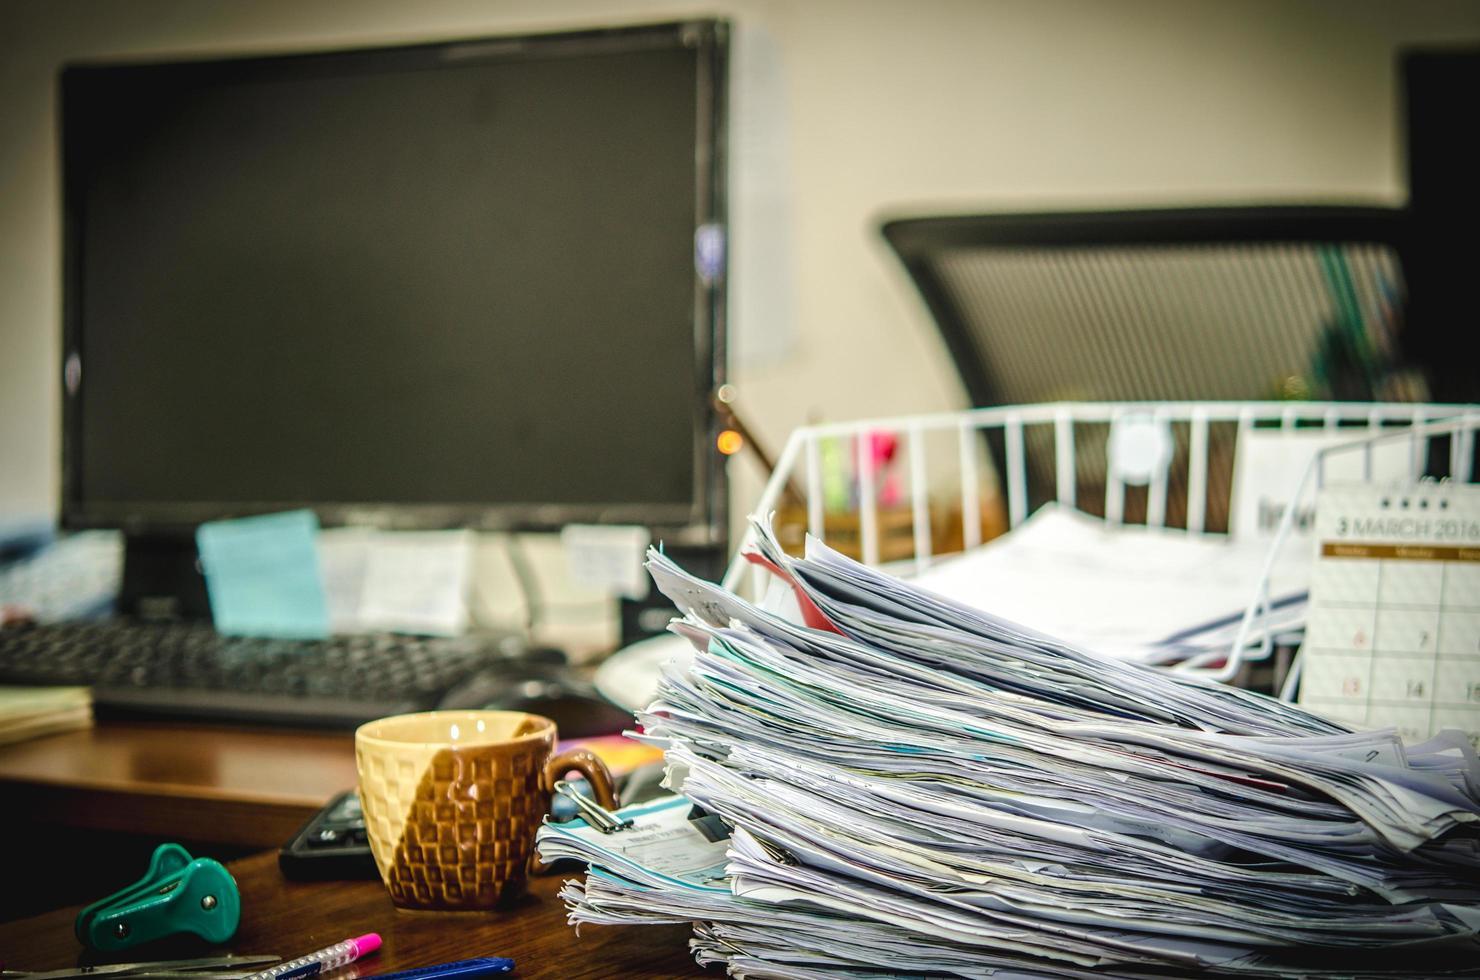 bedrijfsfinanciering, boekhouding, statistieken en analytisch onderzoekconcept foto